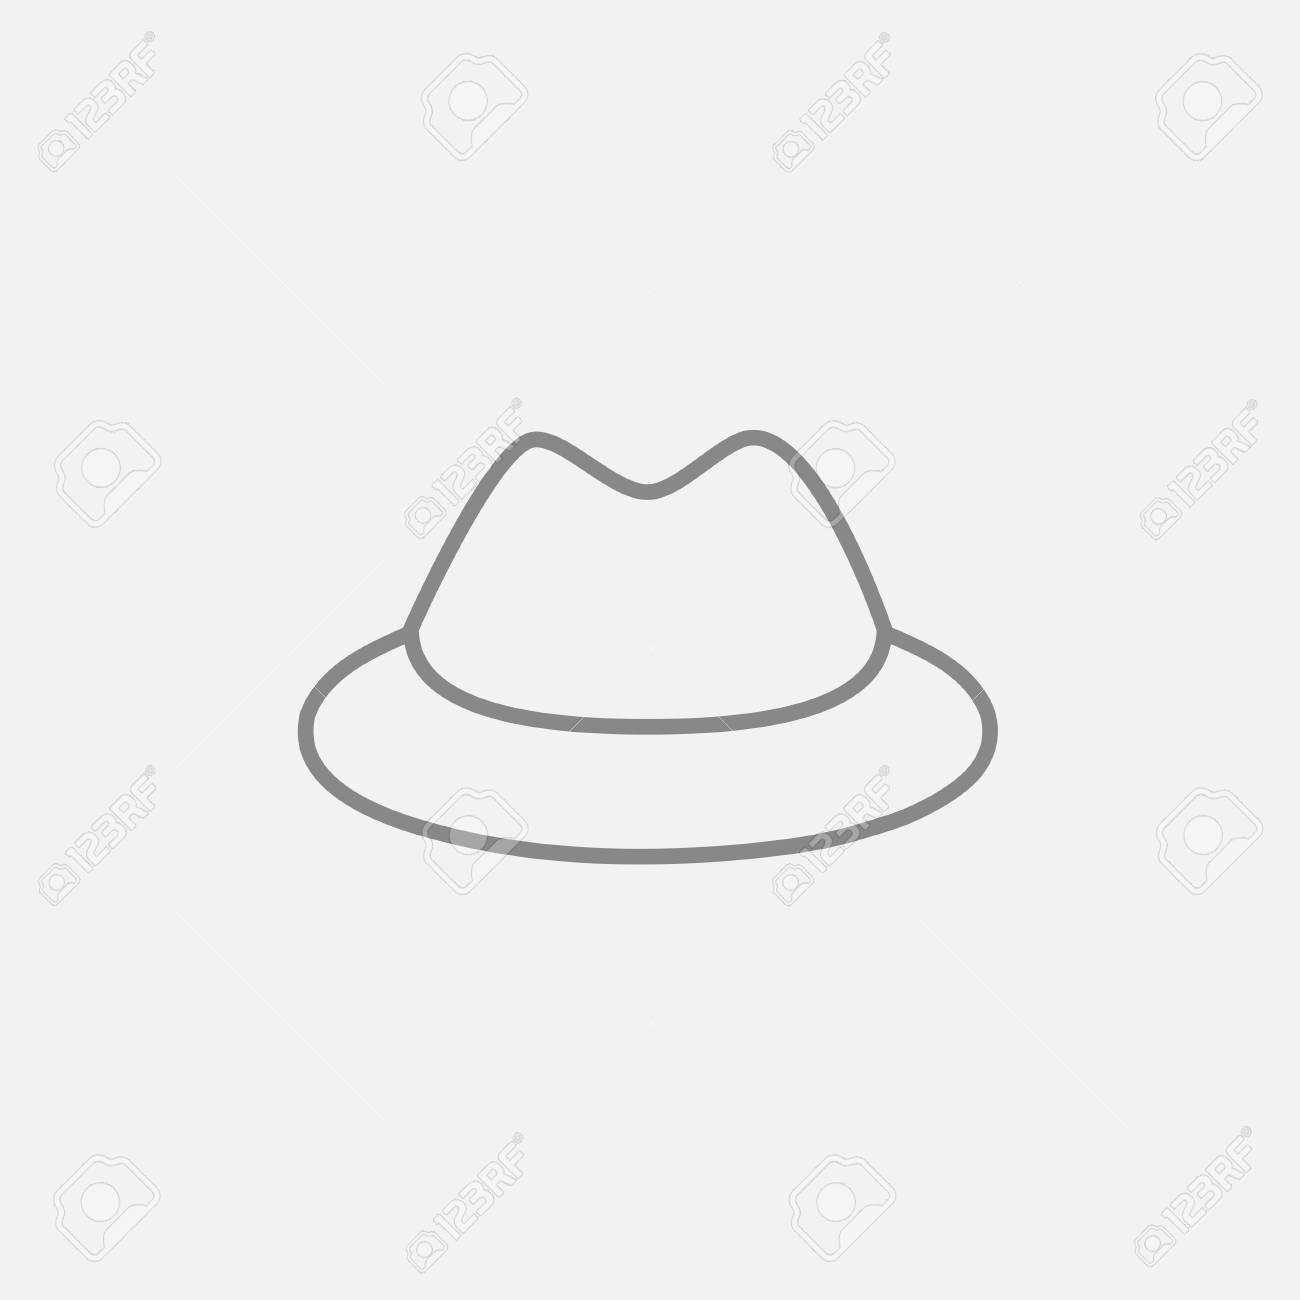 e0b7e9549ba5d Foto de archivo - Icono de línea de sombrero clásico para web